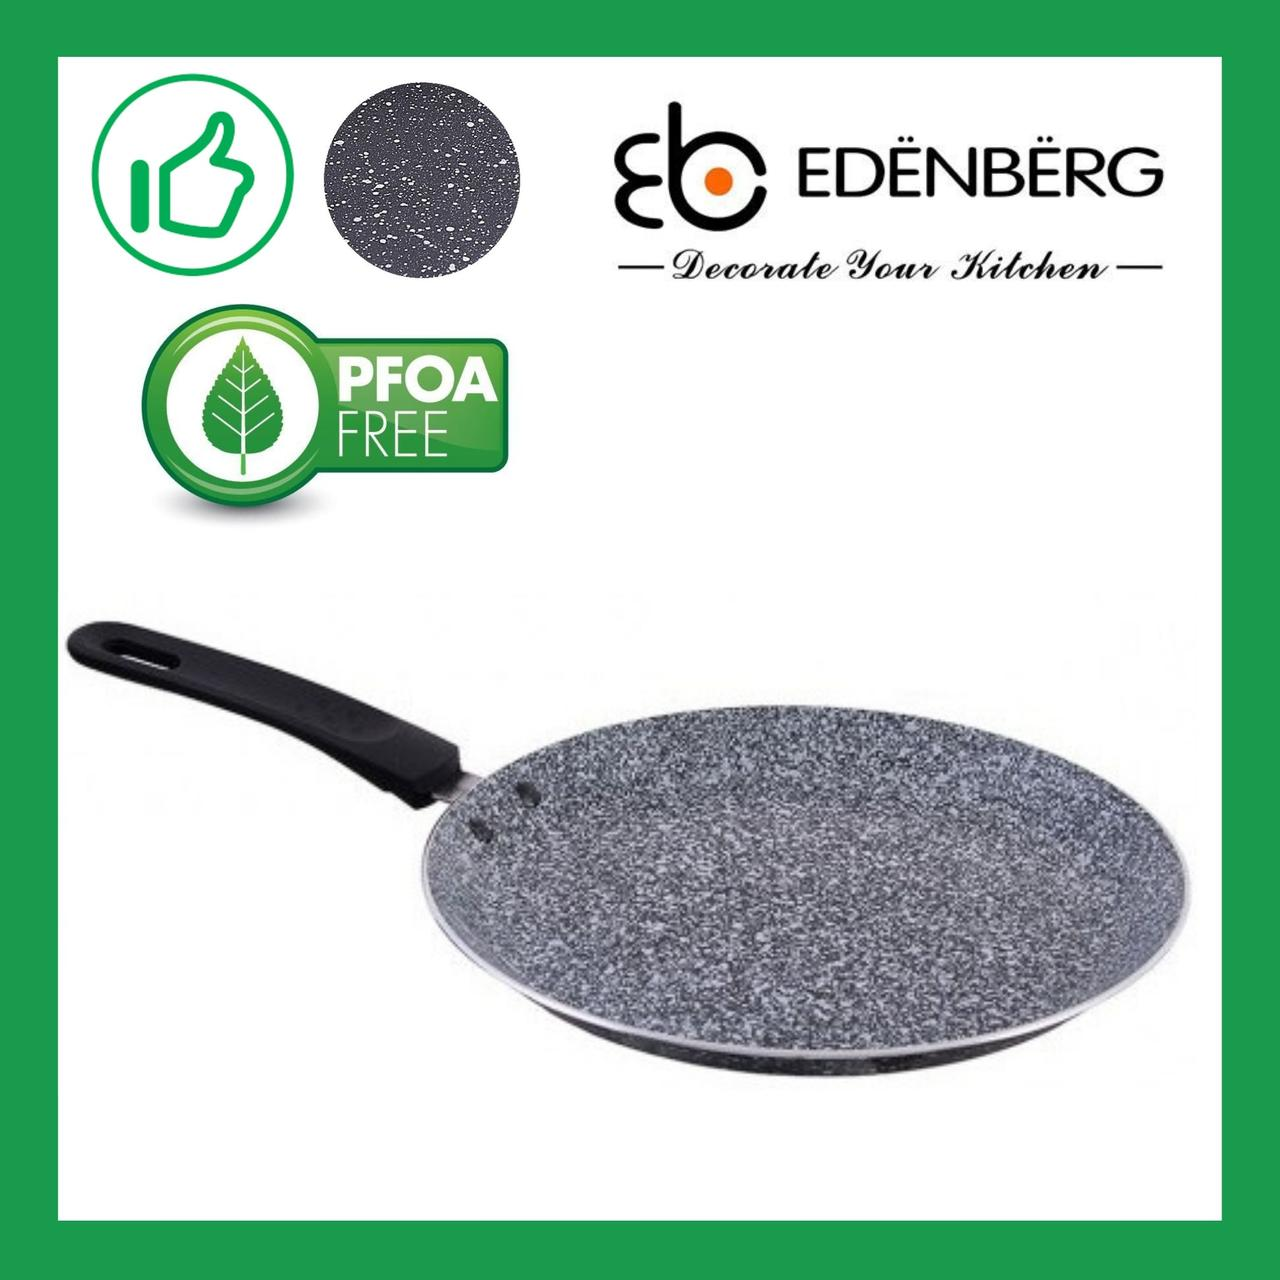 Cковорода для блинов Edenberg с гранитным антипригарным покрытием 22 см (EB-3388)